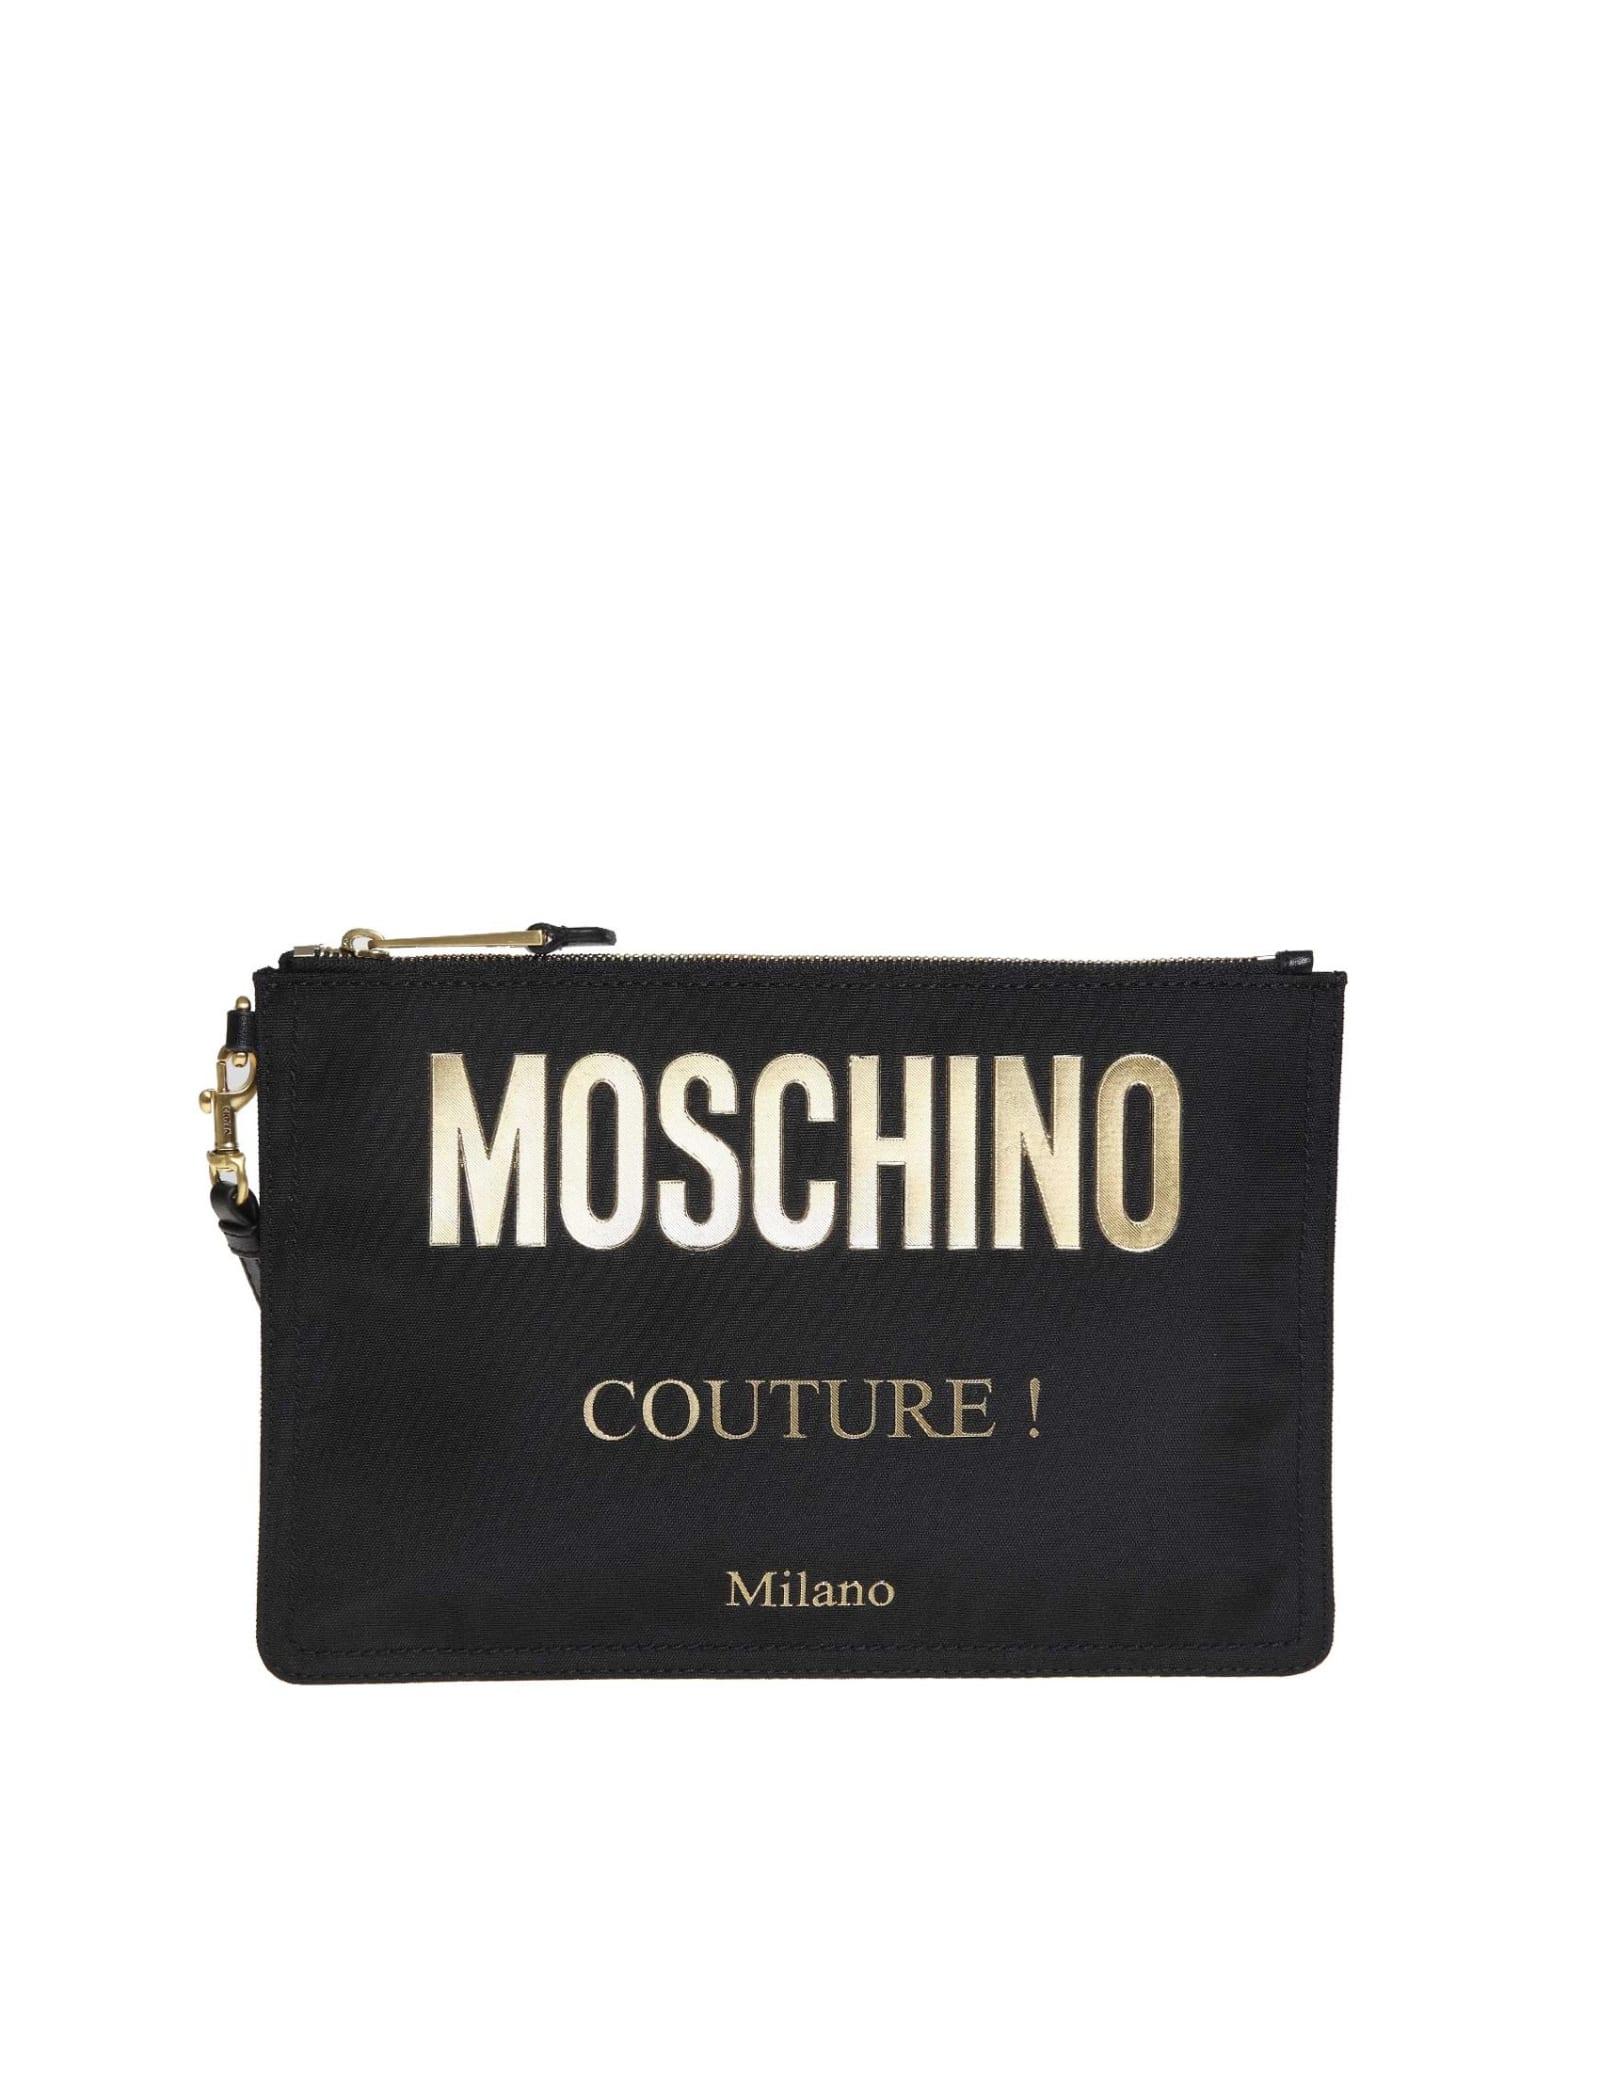 Moschino Clutch In Black Nylon